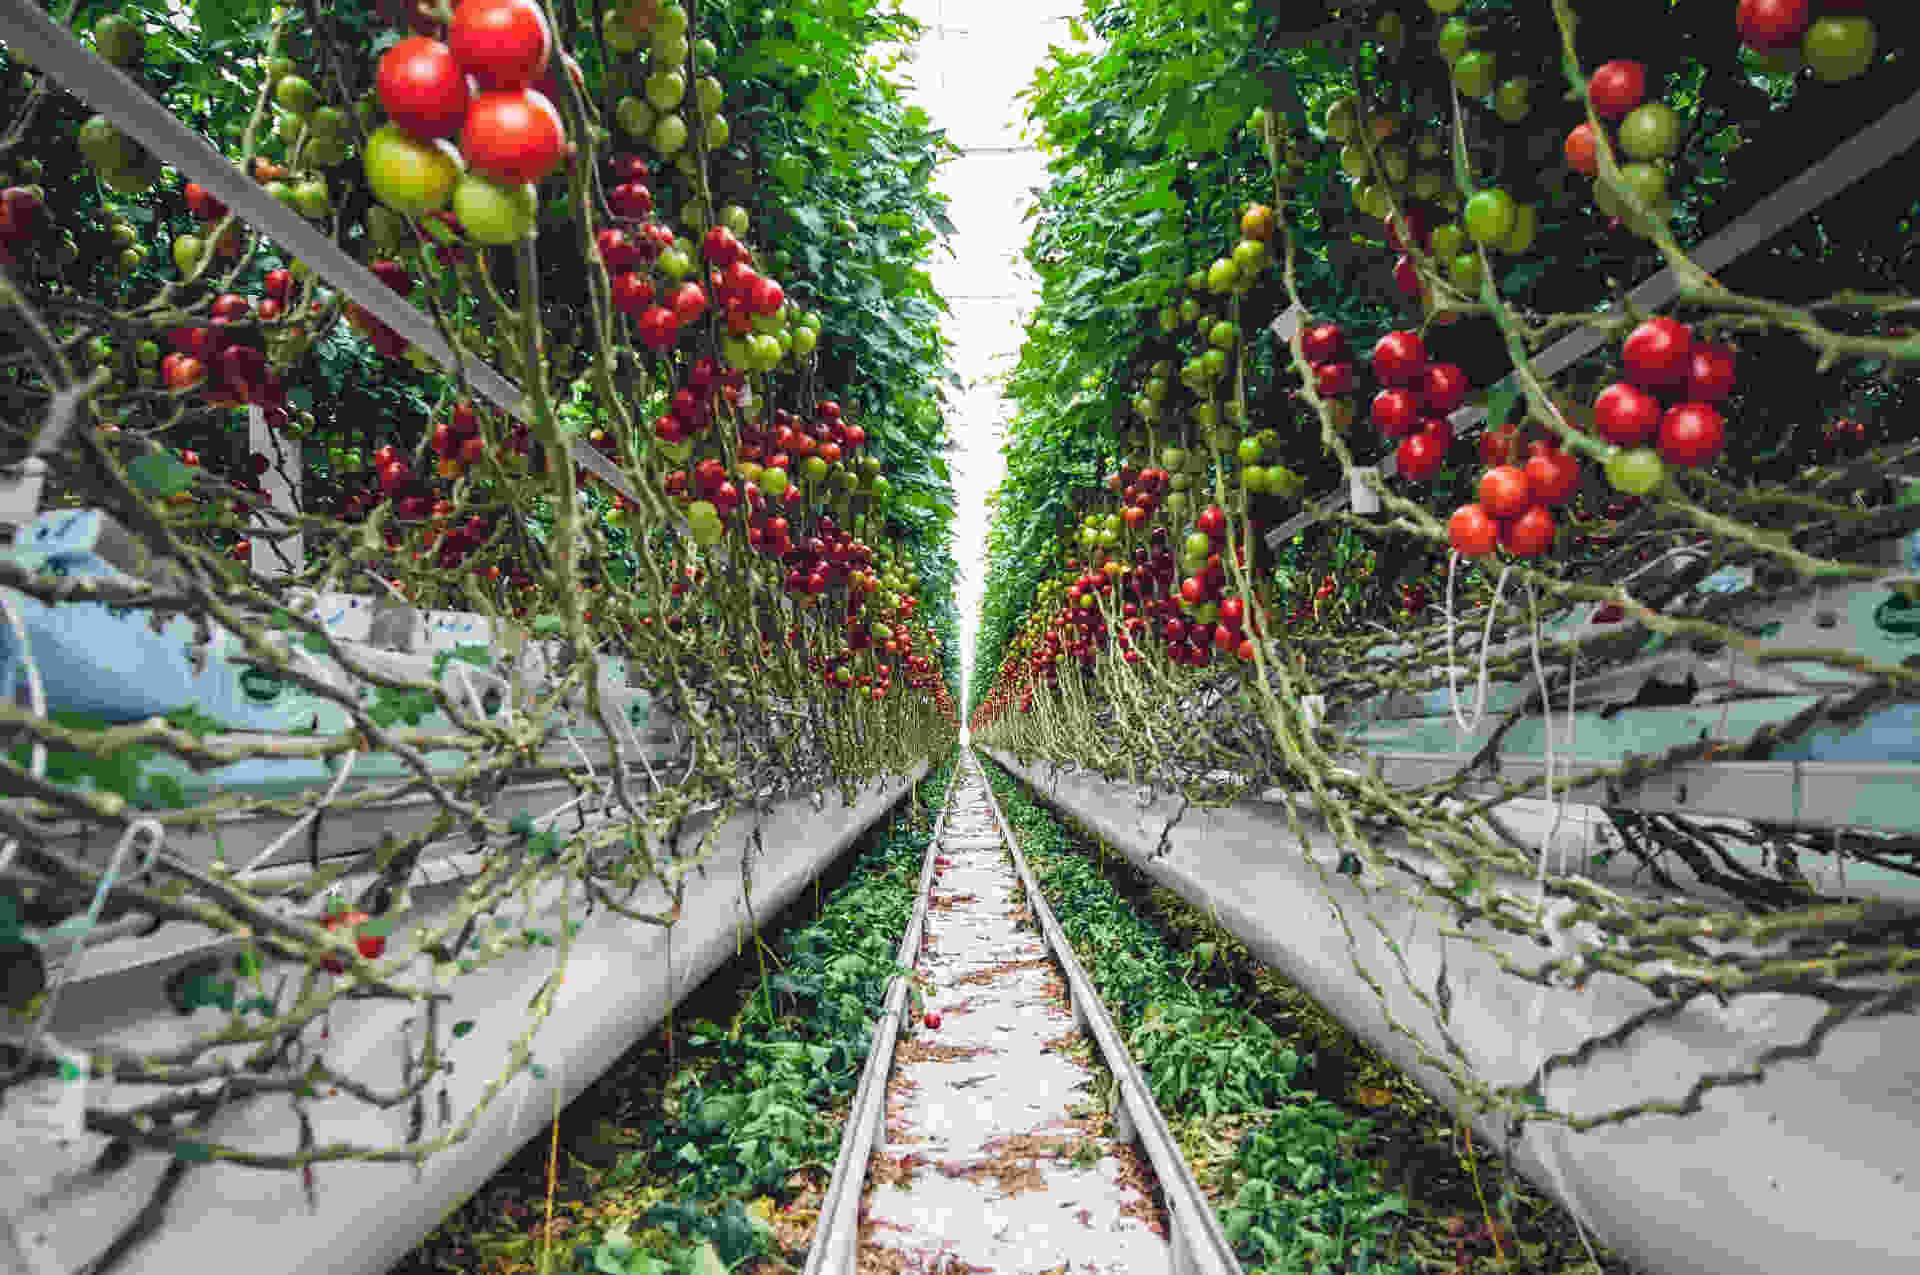 tomato_geenhouse